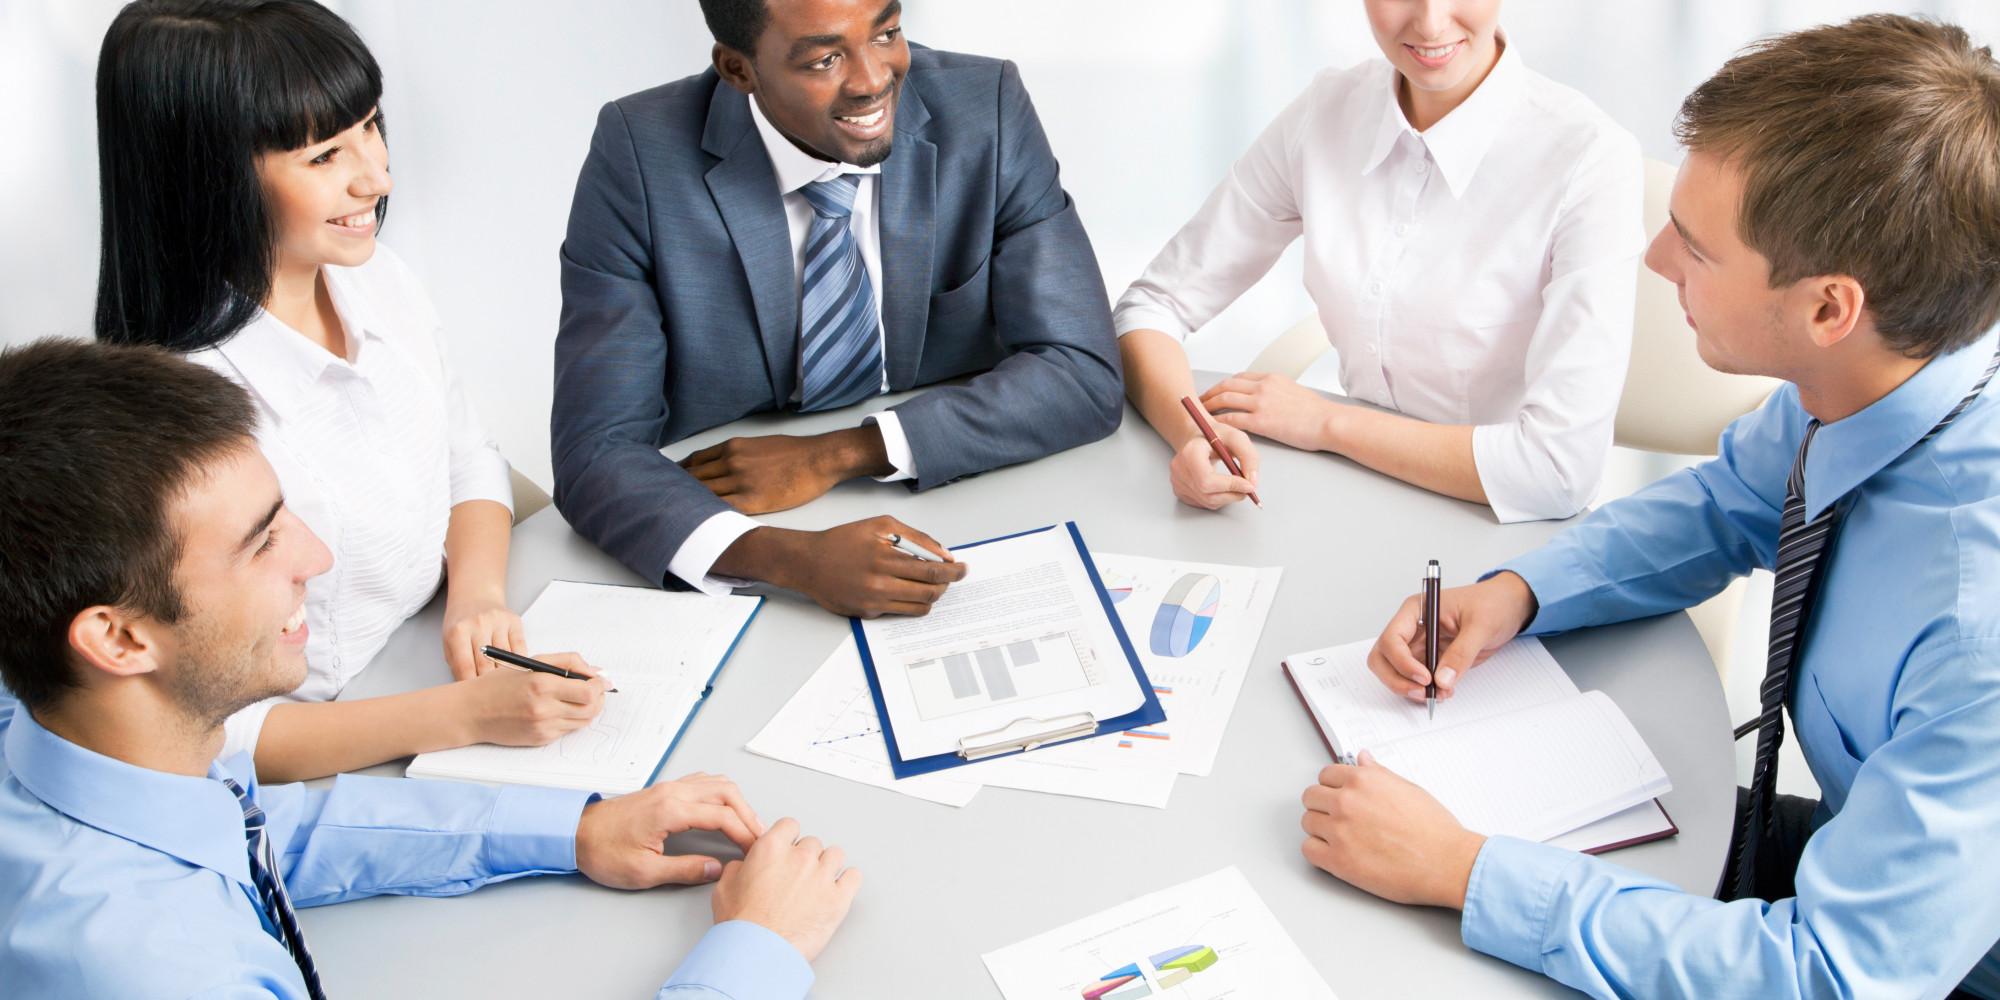 employee diversity [keyword]